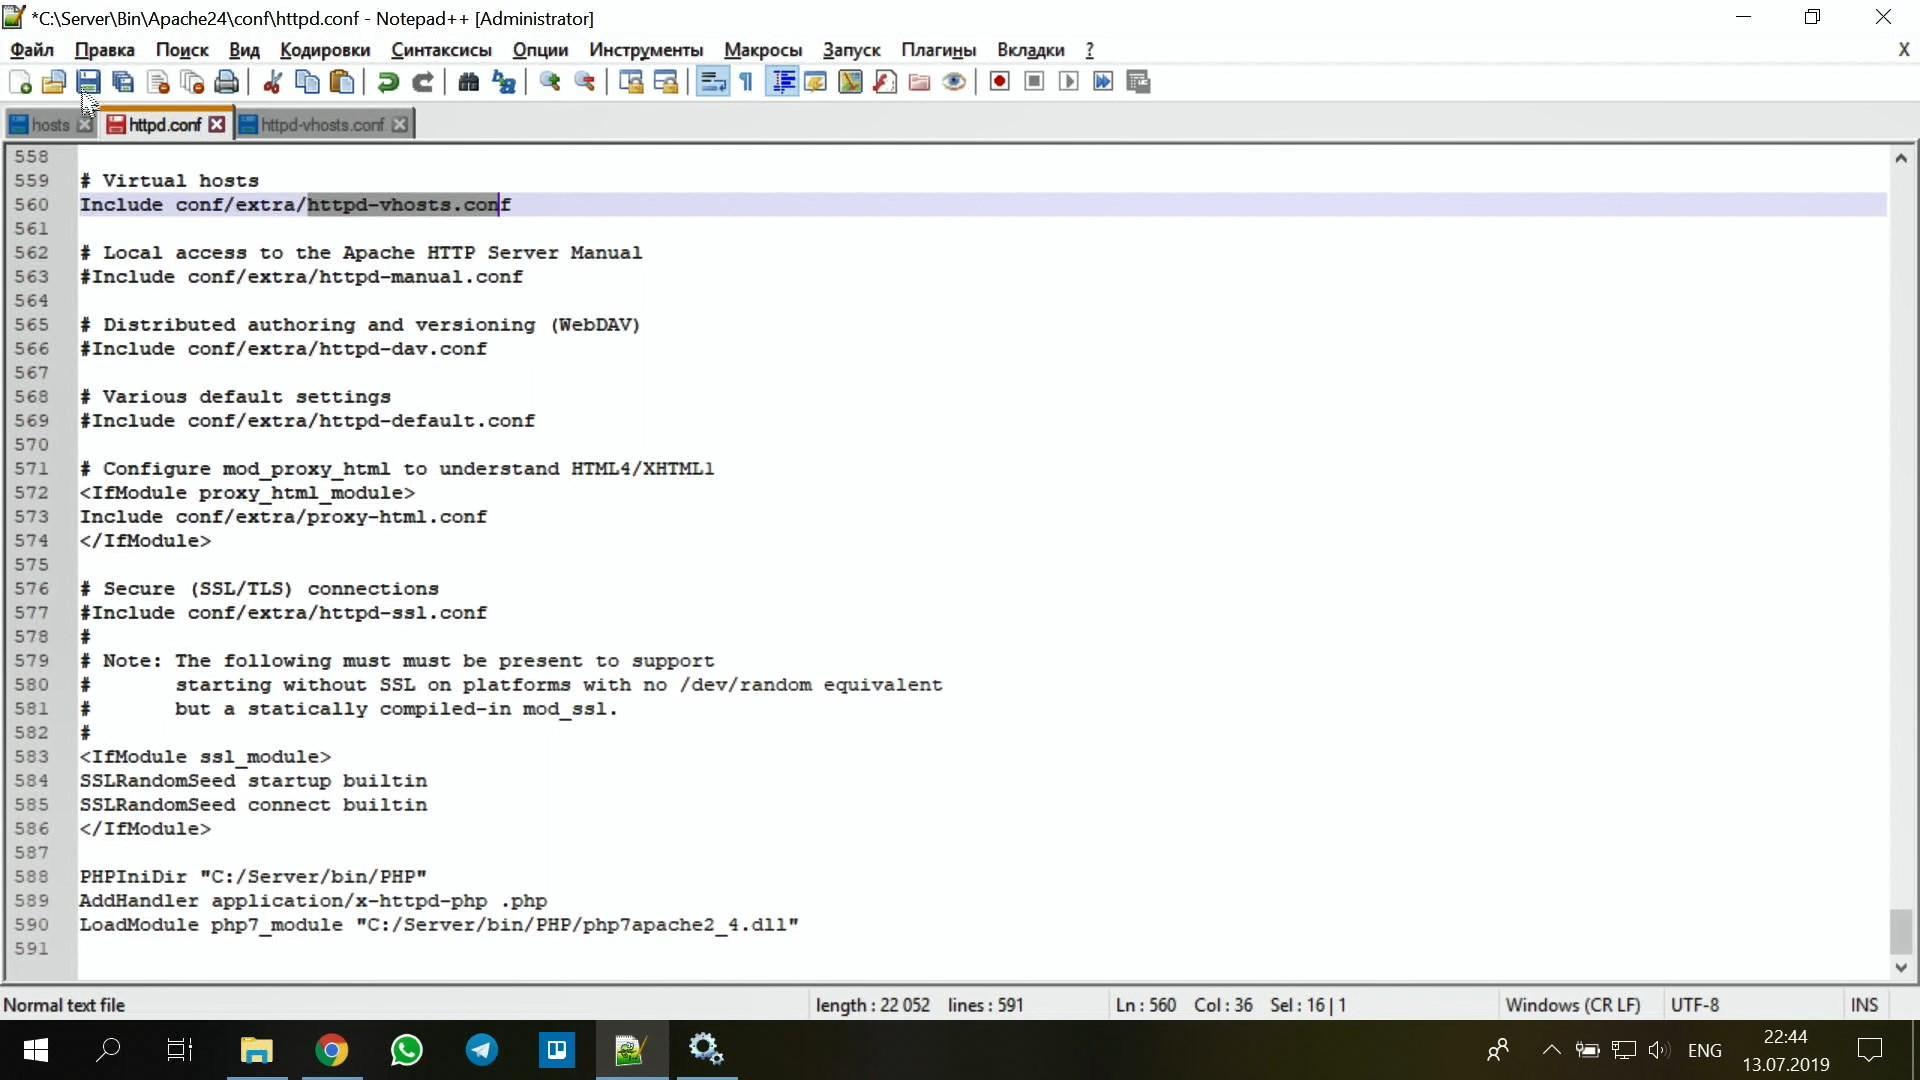 установка ssl сертификата на apache